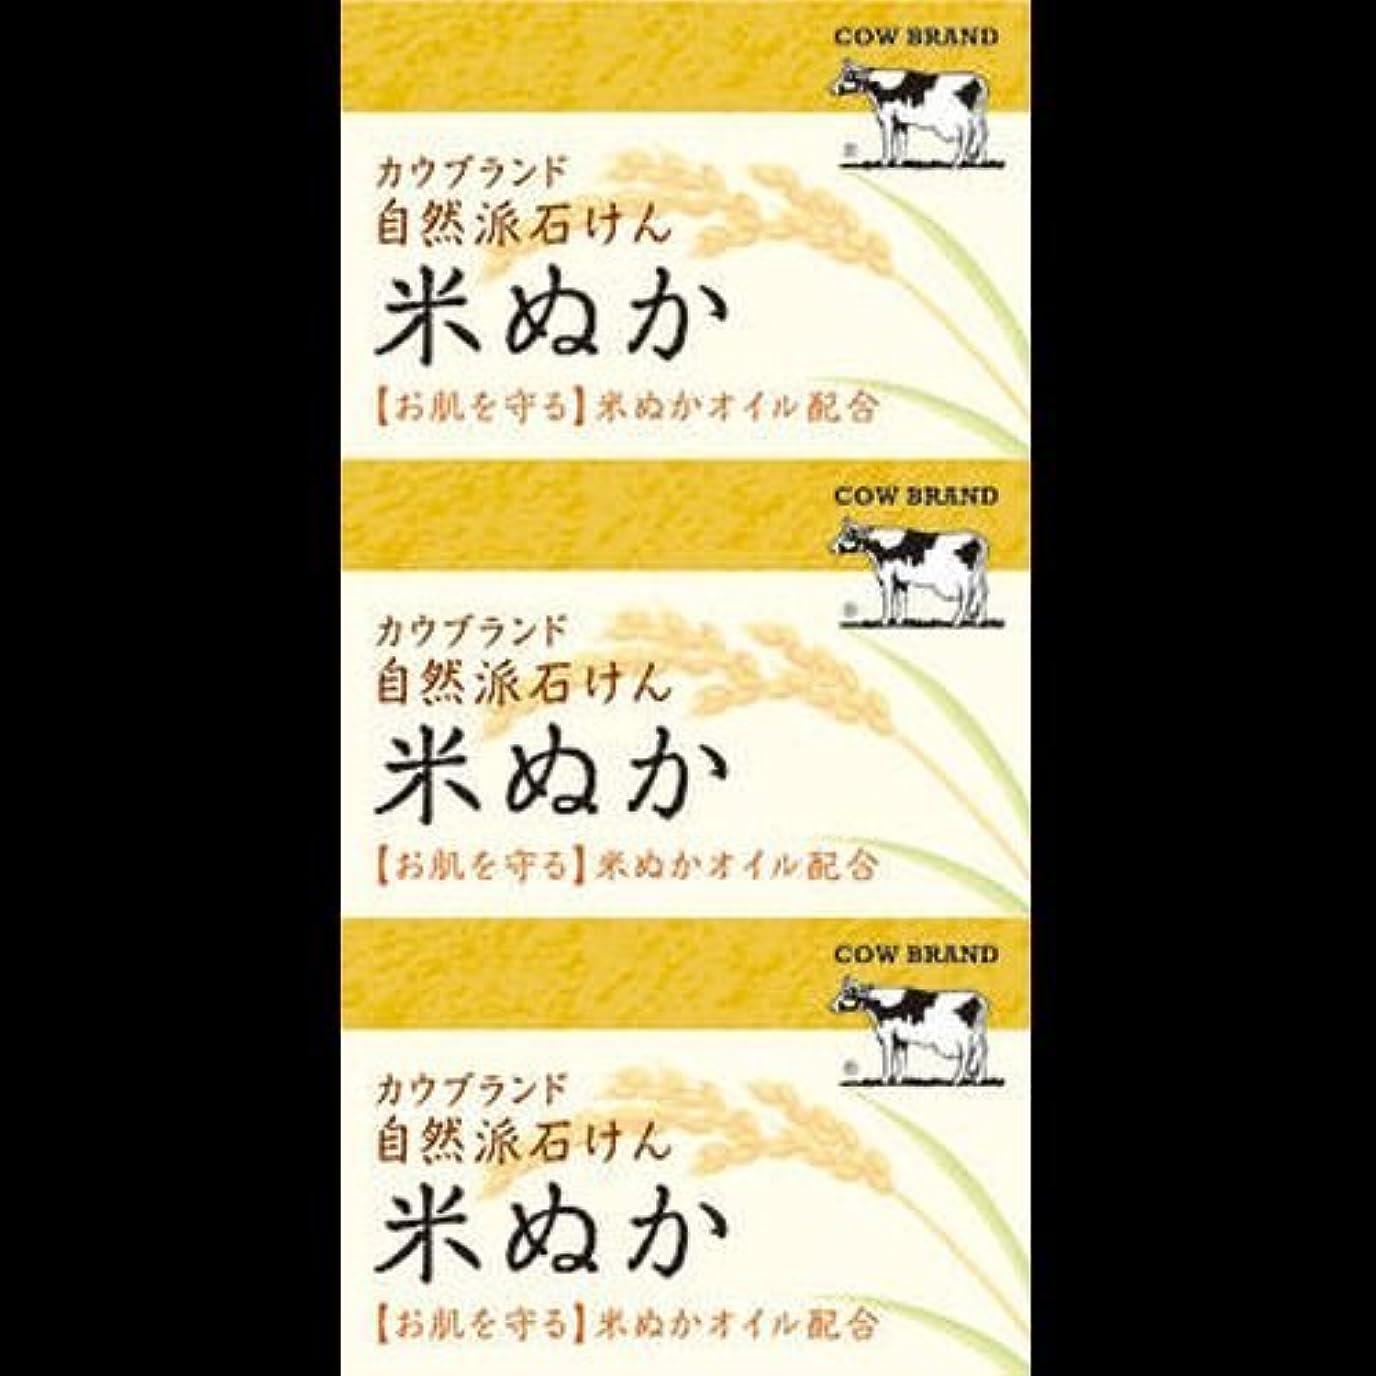 休暇会社あたたかい【まとめ買い】カウブランド 自然派石けん 米ぬか 100g*3個 ×2セット